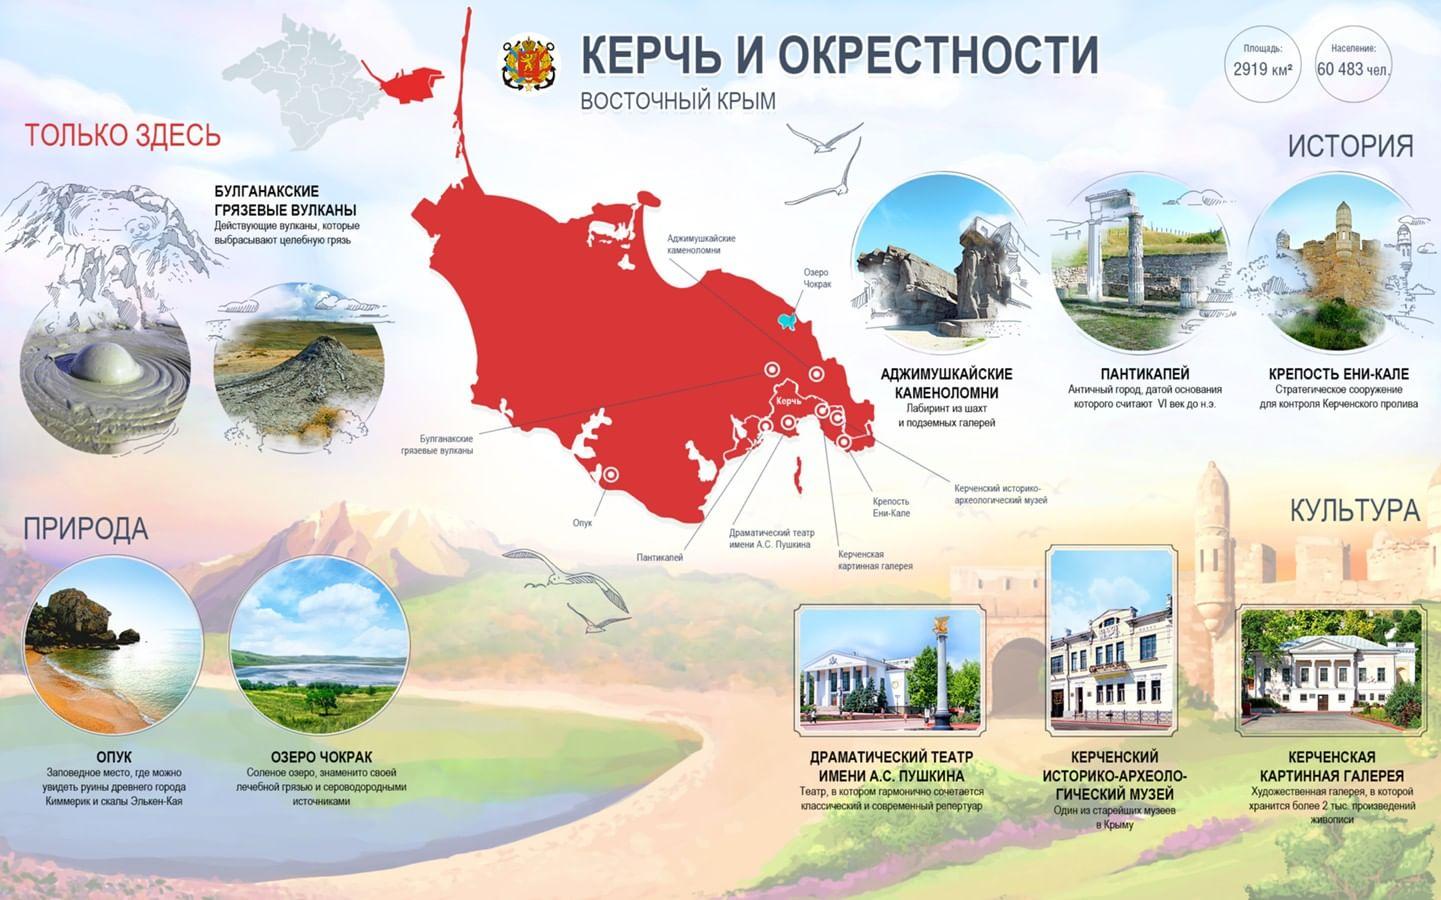 Инфографика Керчь